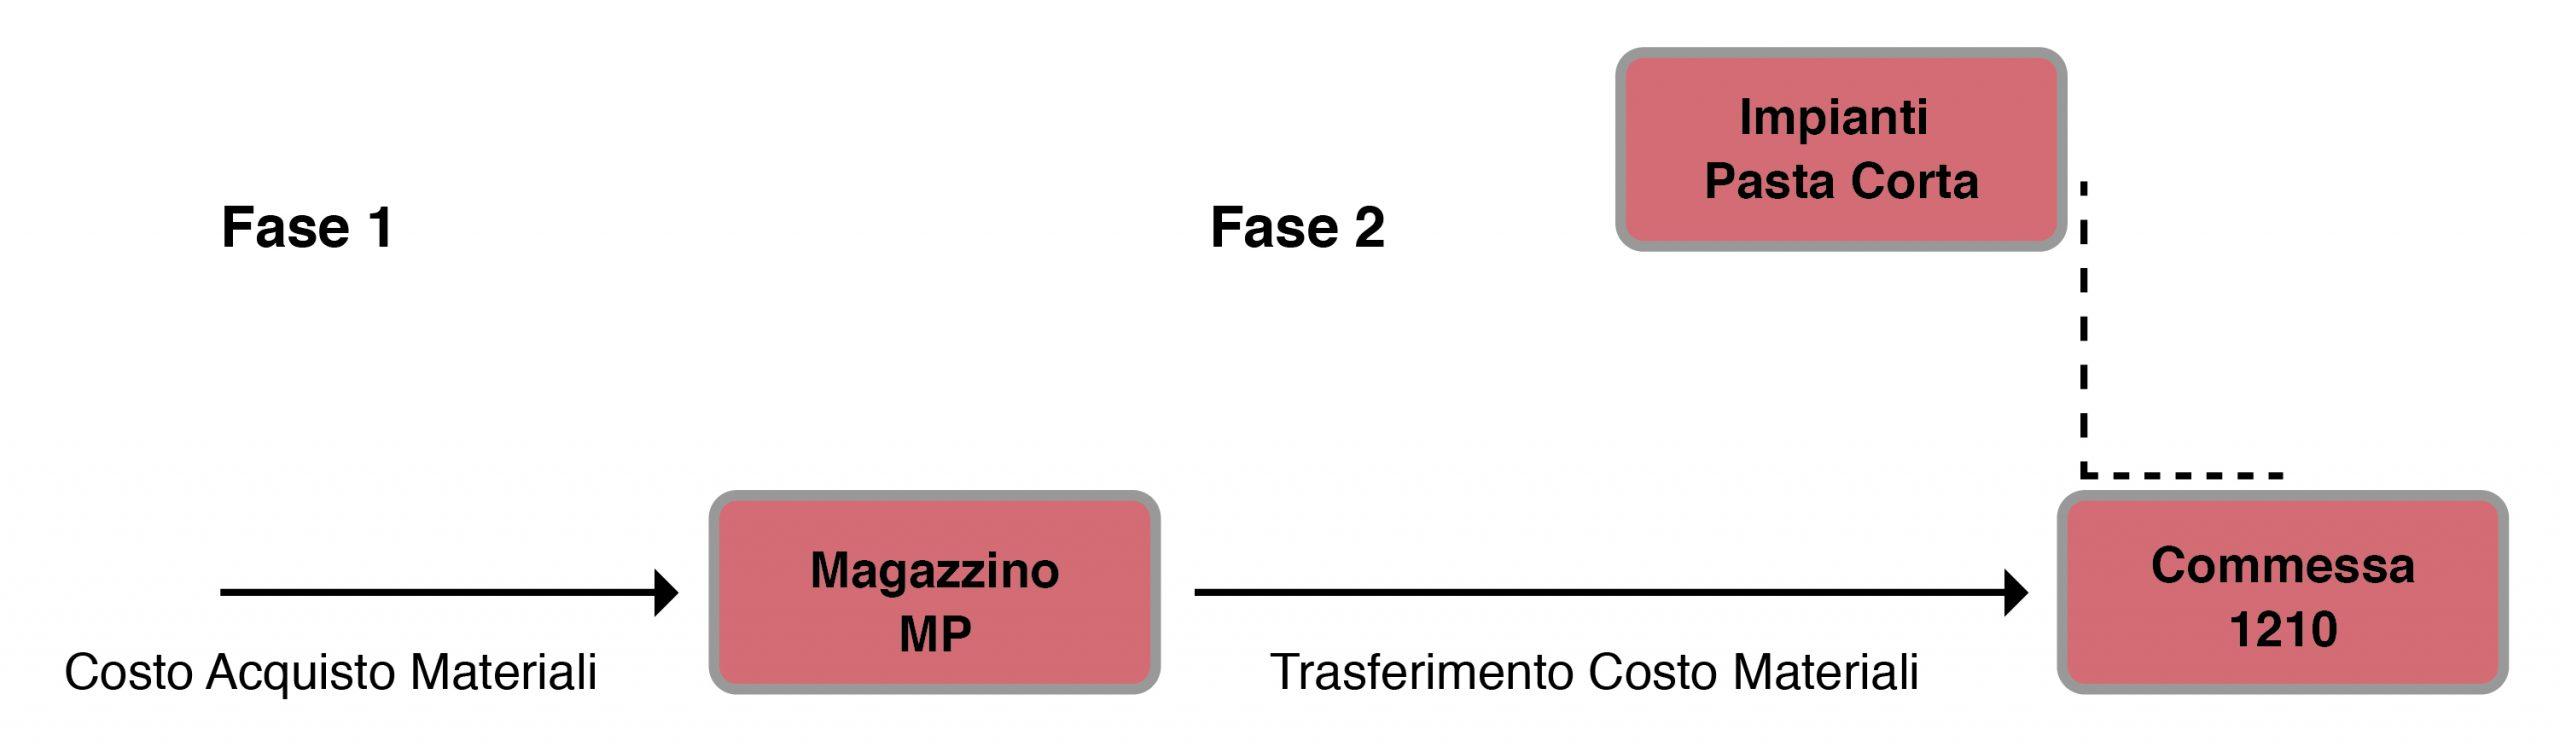 Impianti-pasta_soluzioni_fasi-01